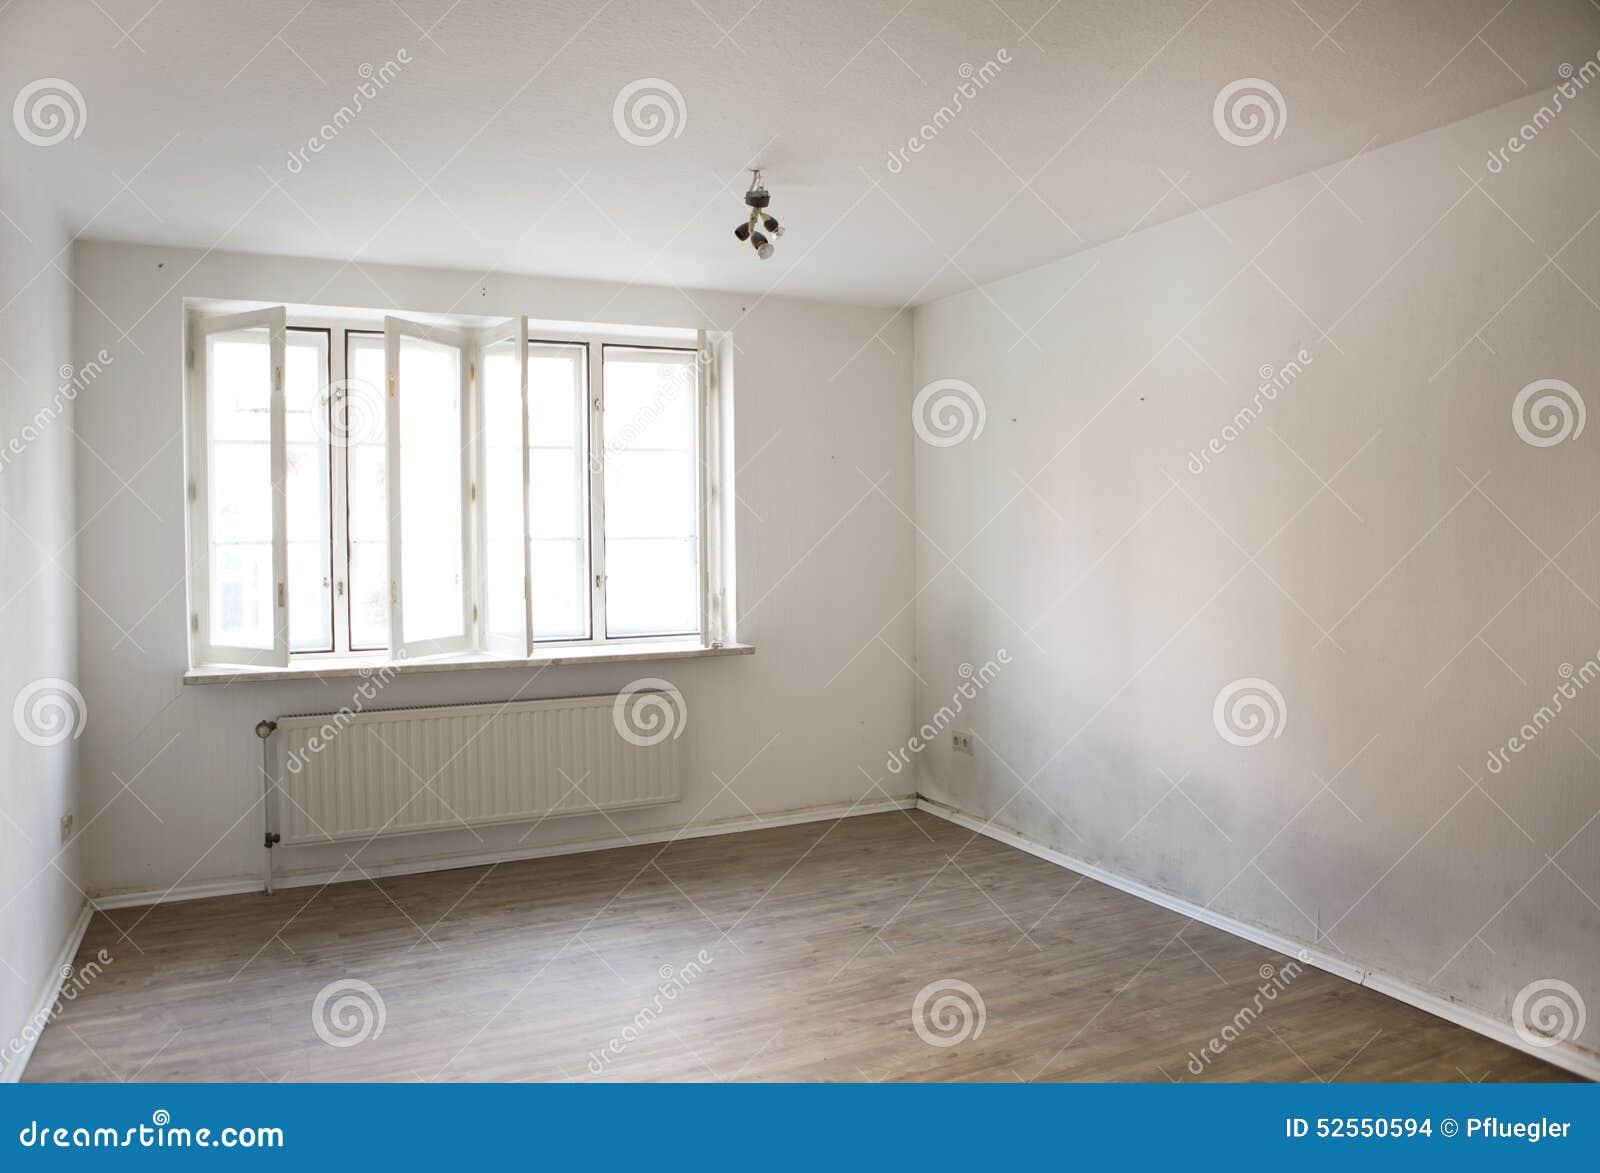 moule sur le mur photo stock image du dommages humidit 52550594. Black Bedroom Furniture Sets. Home Design Ideas